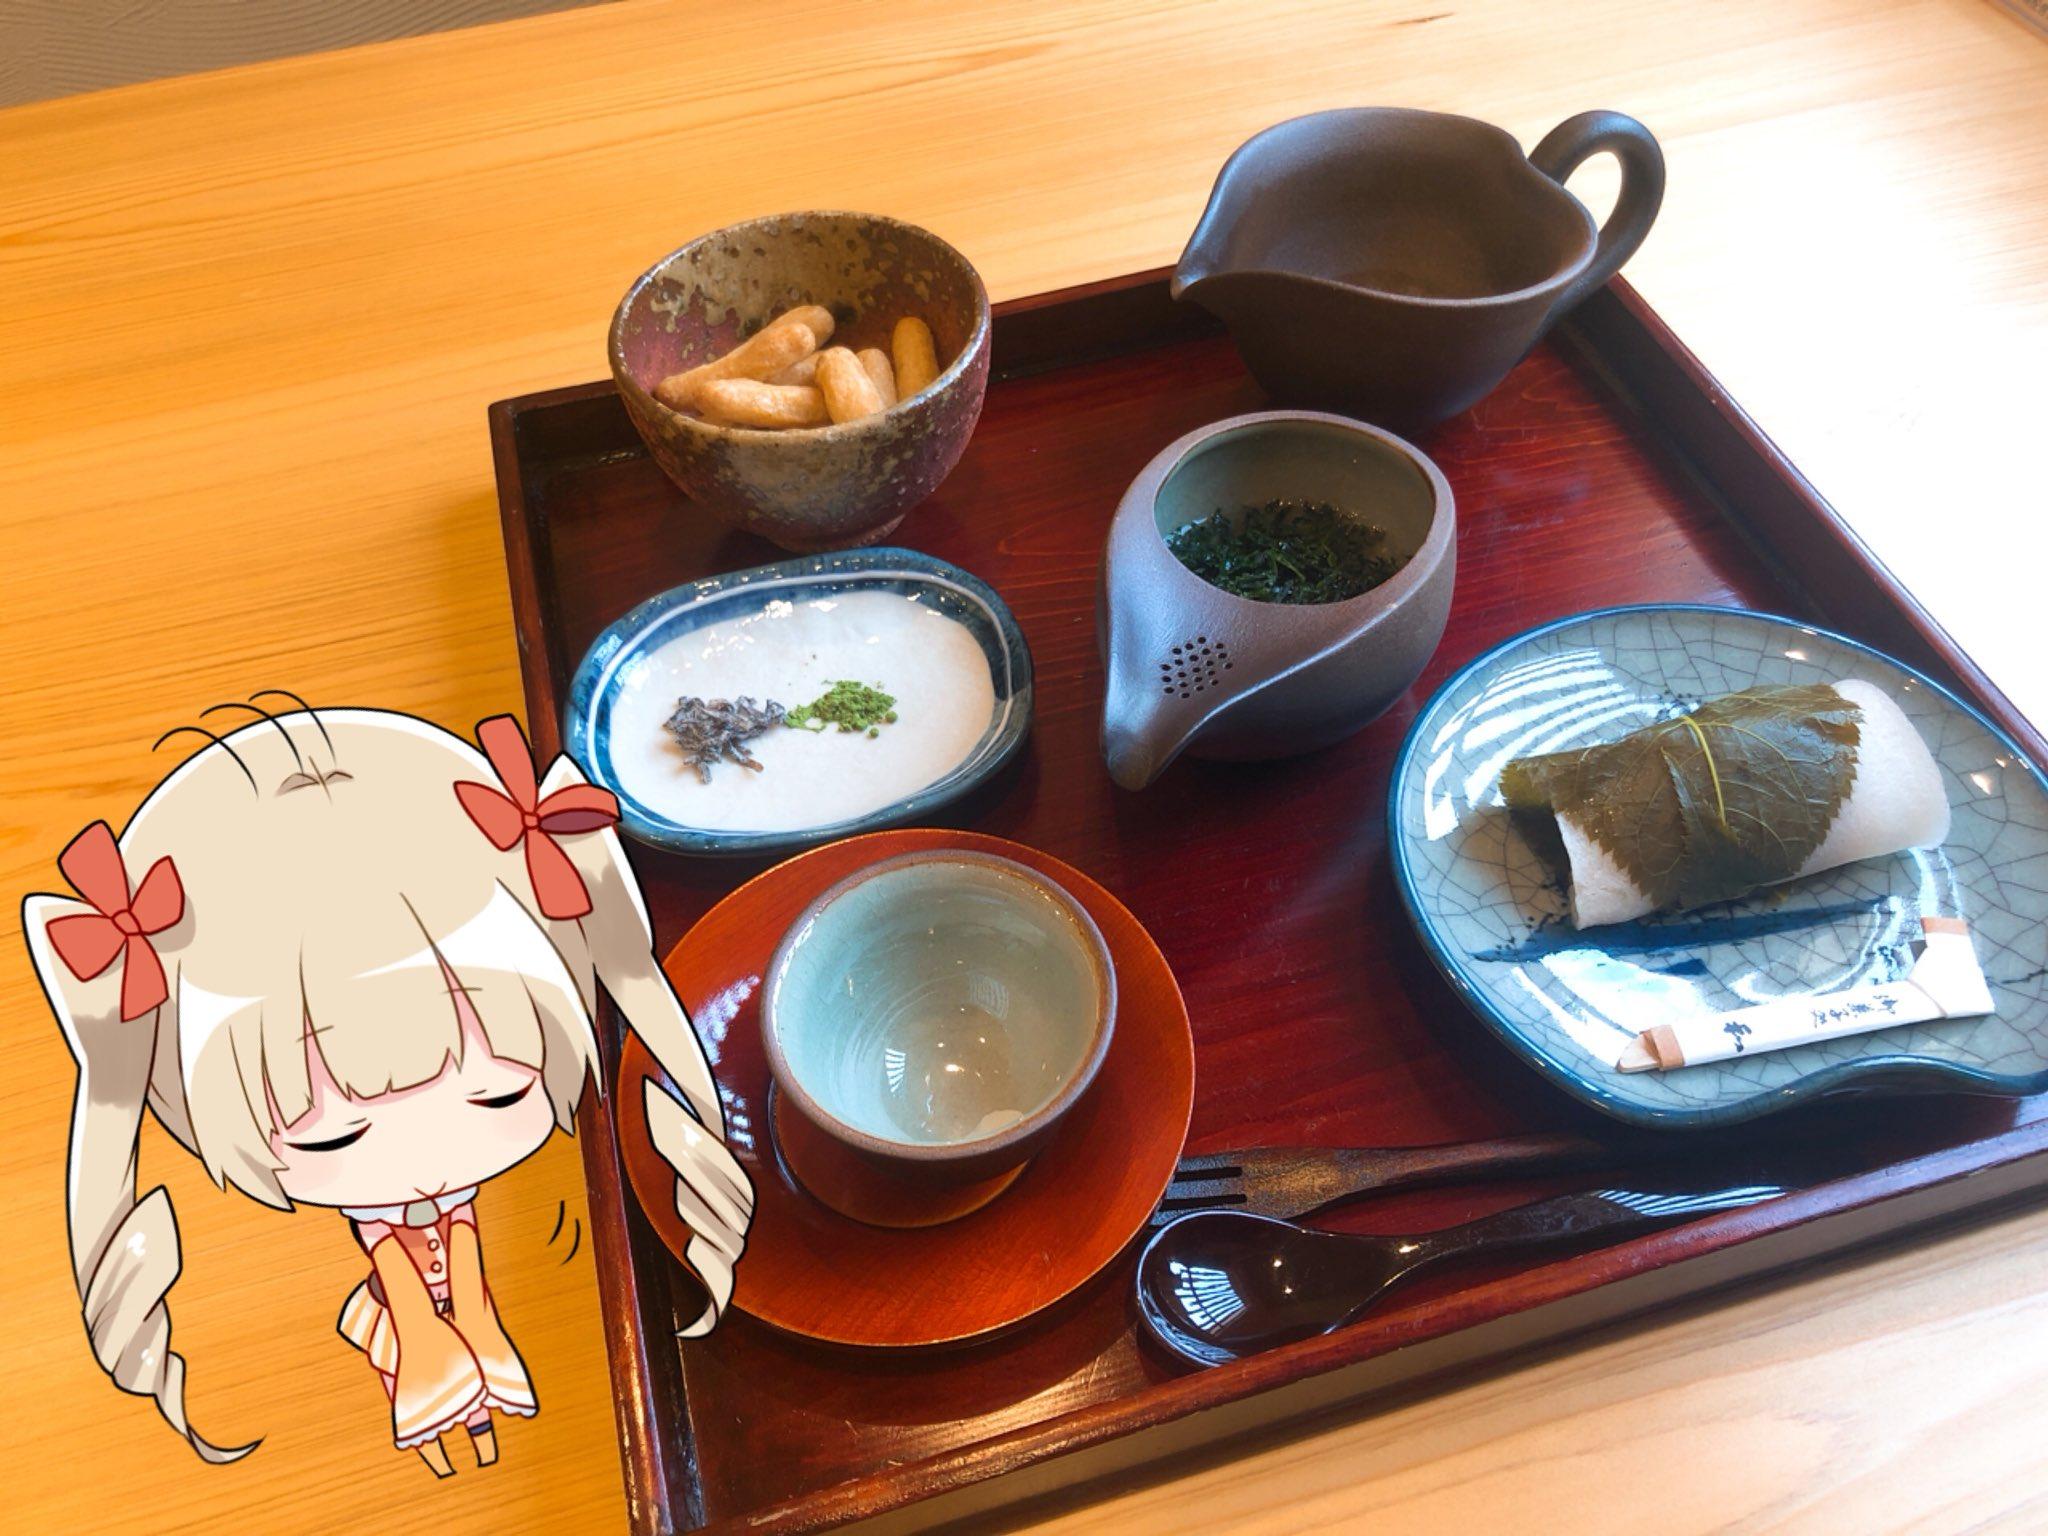 桑名にある茶輪の上かぶせ茶膳